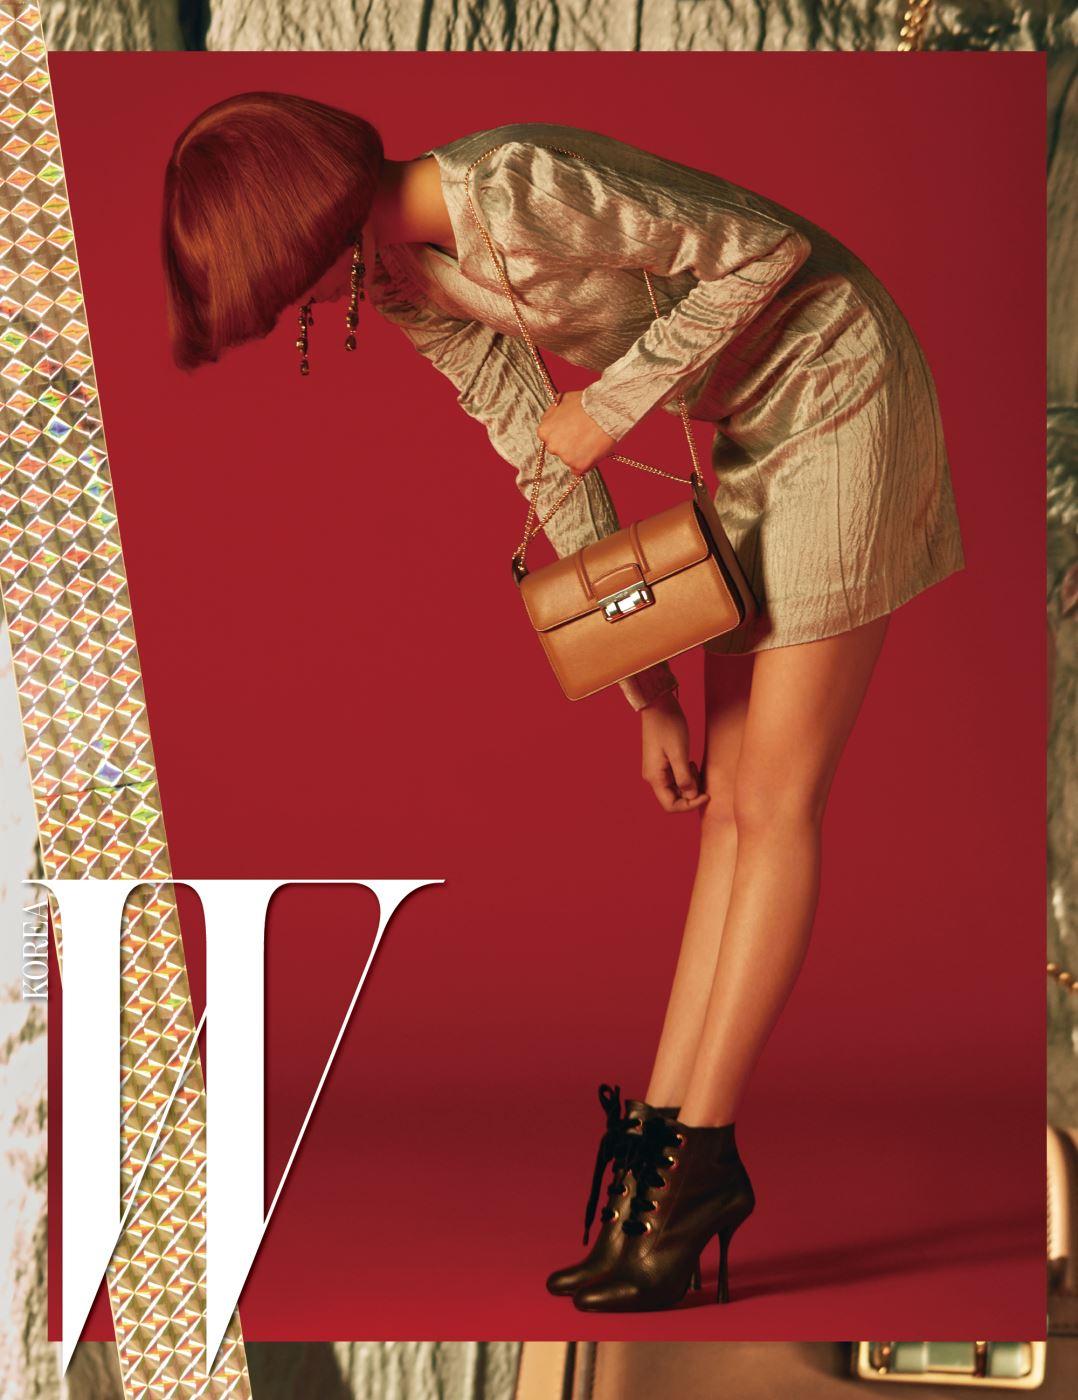 은은한 민트 색상의 태피터 소재 미니 드레스, 빅토리언 풍의 드롭형 이어링, 레이스업 부츠, 그윽한 캐멀 색상의 체인 스트랩 지지(Jiji) 백은 모두 Lanvin 제품.